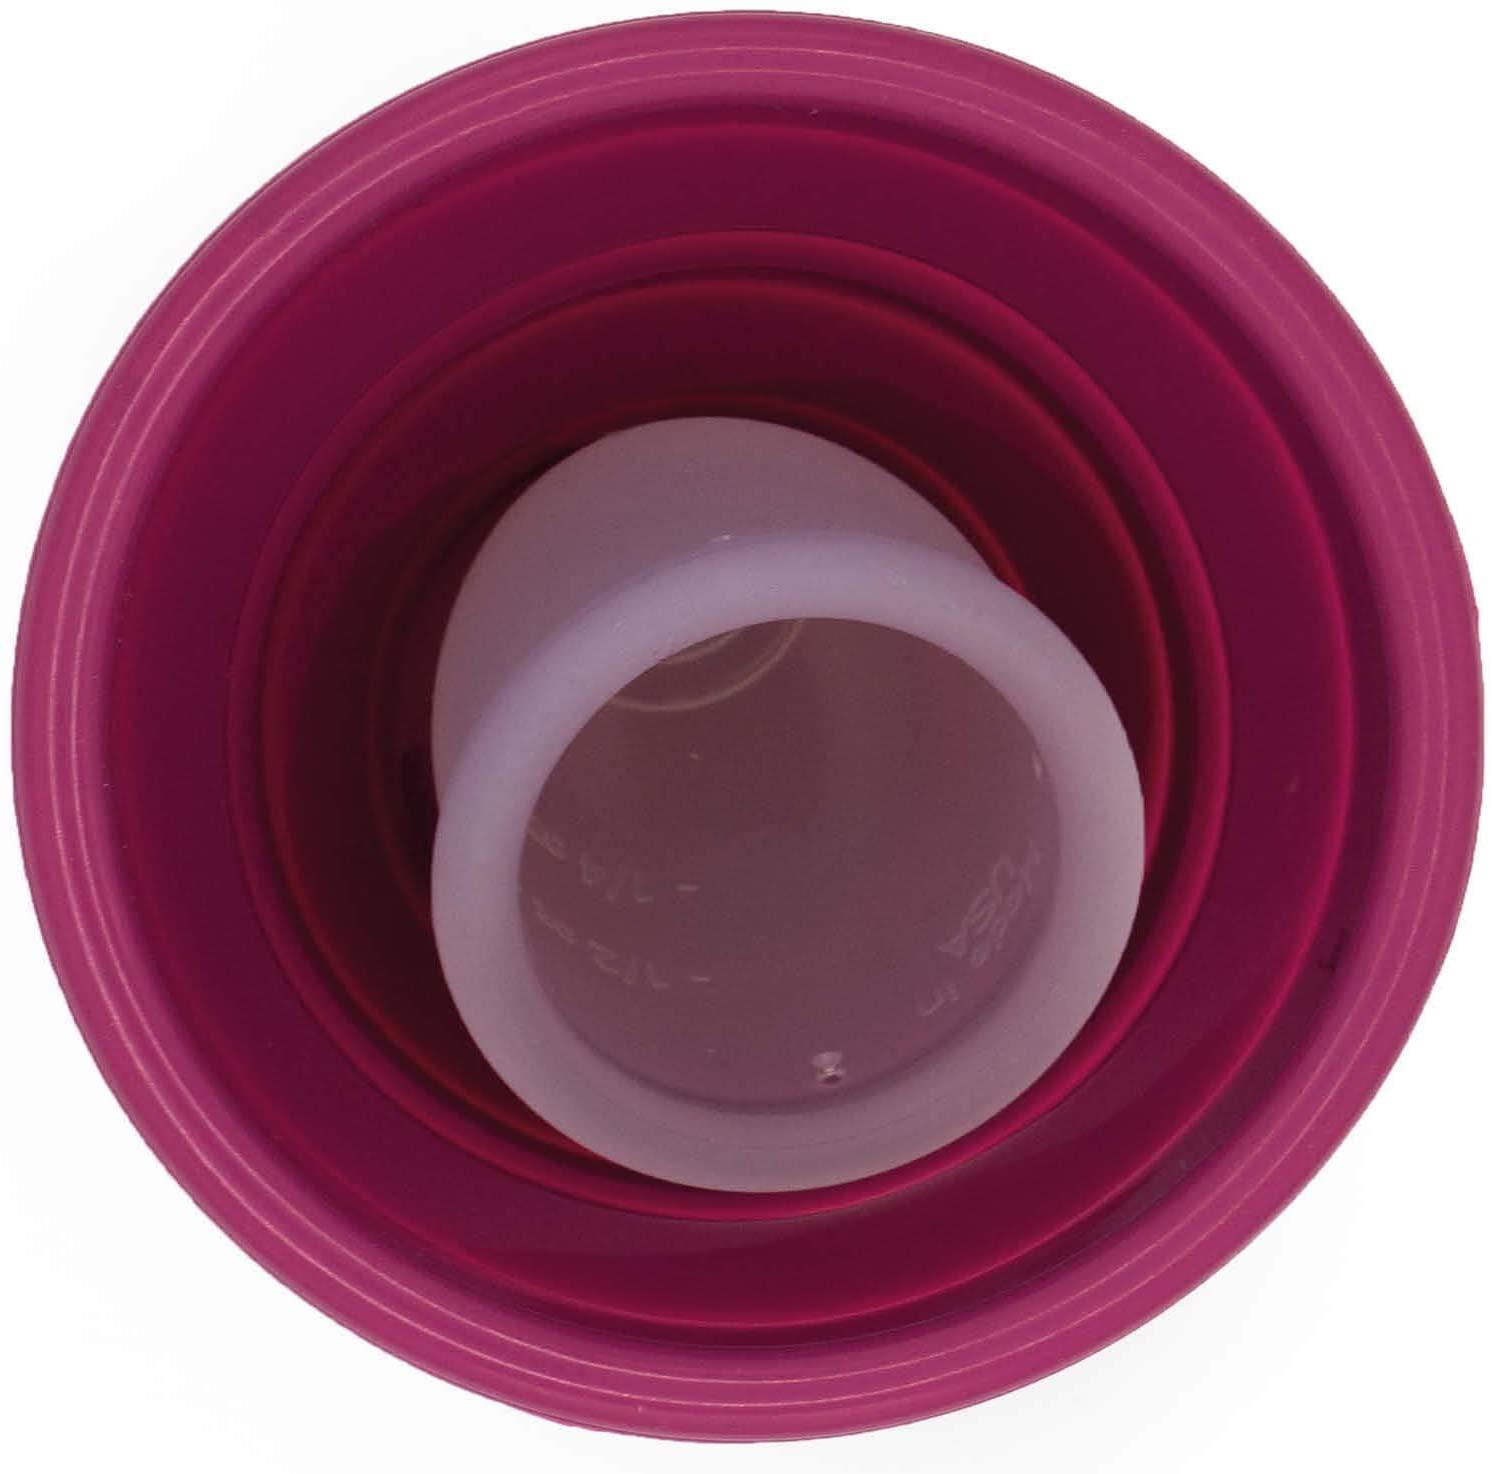 Menstruationsbecher für Mylily